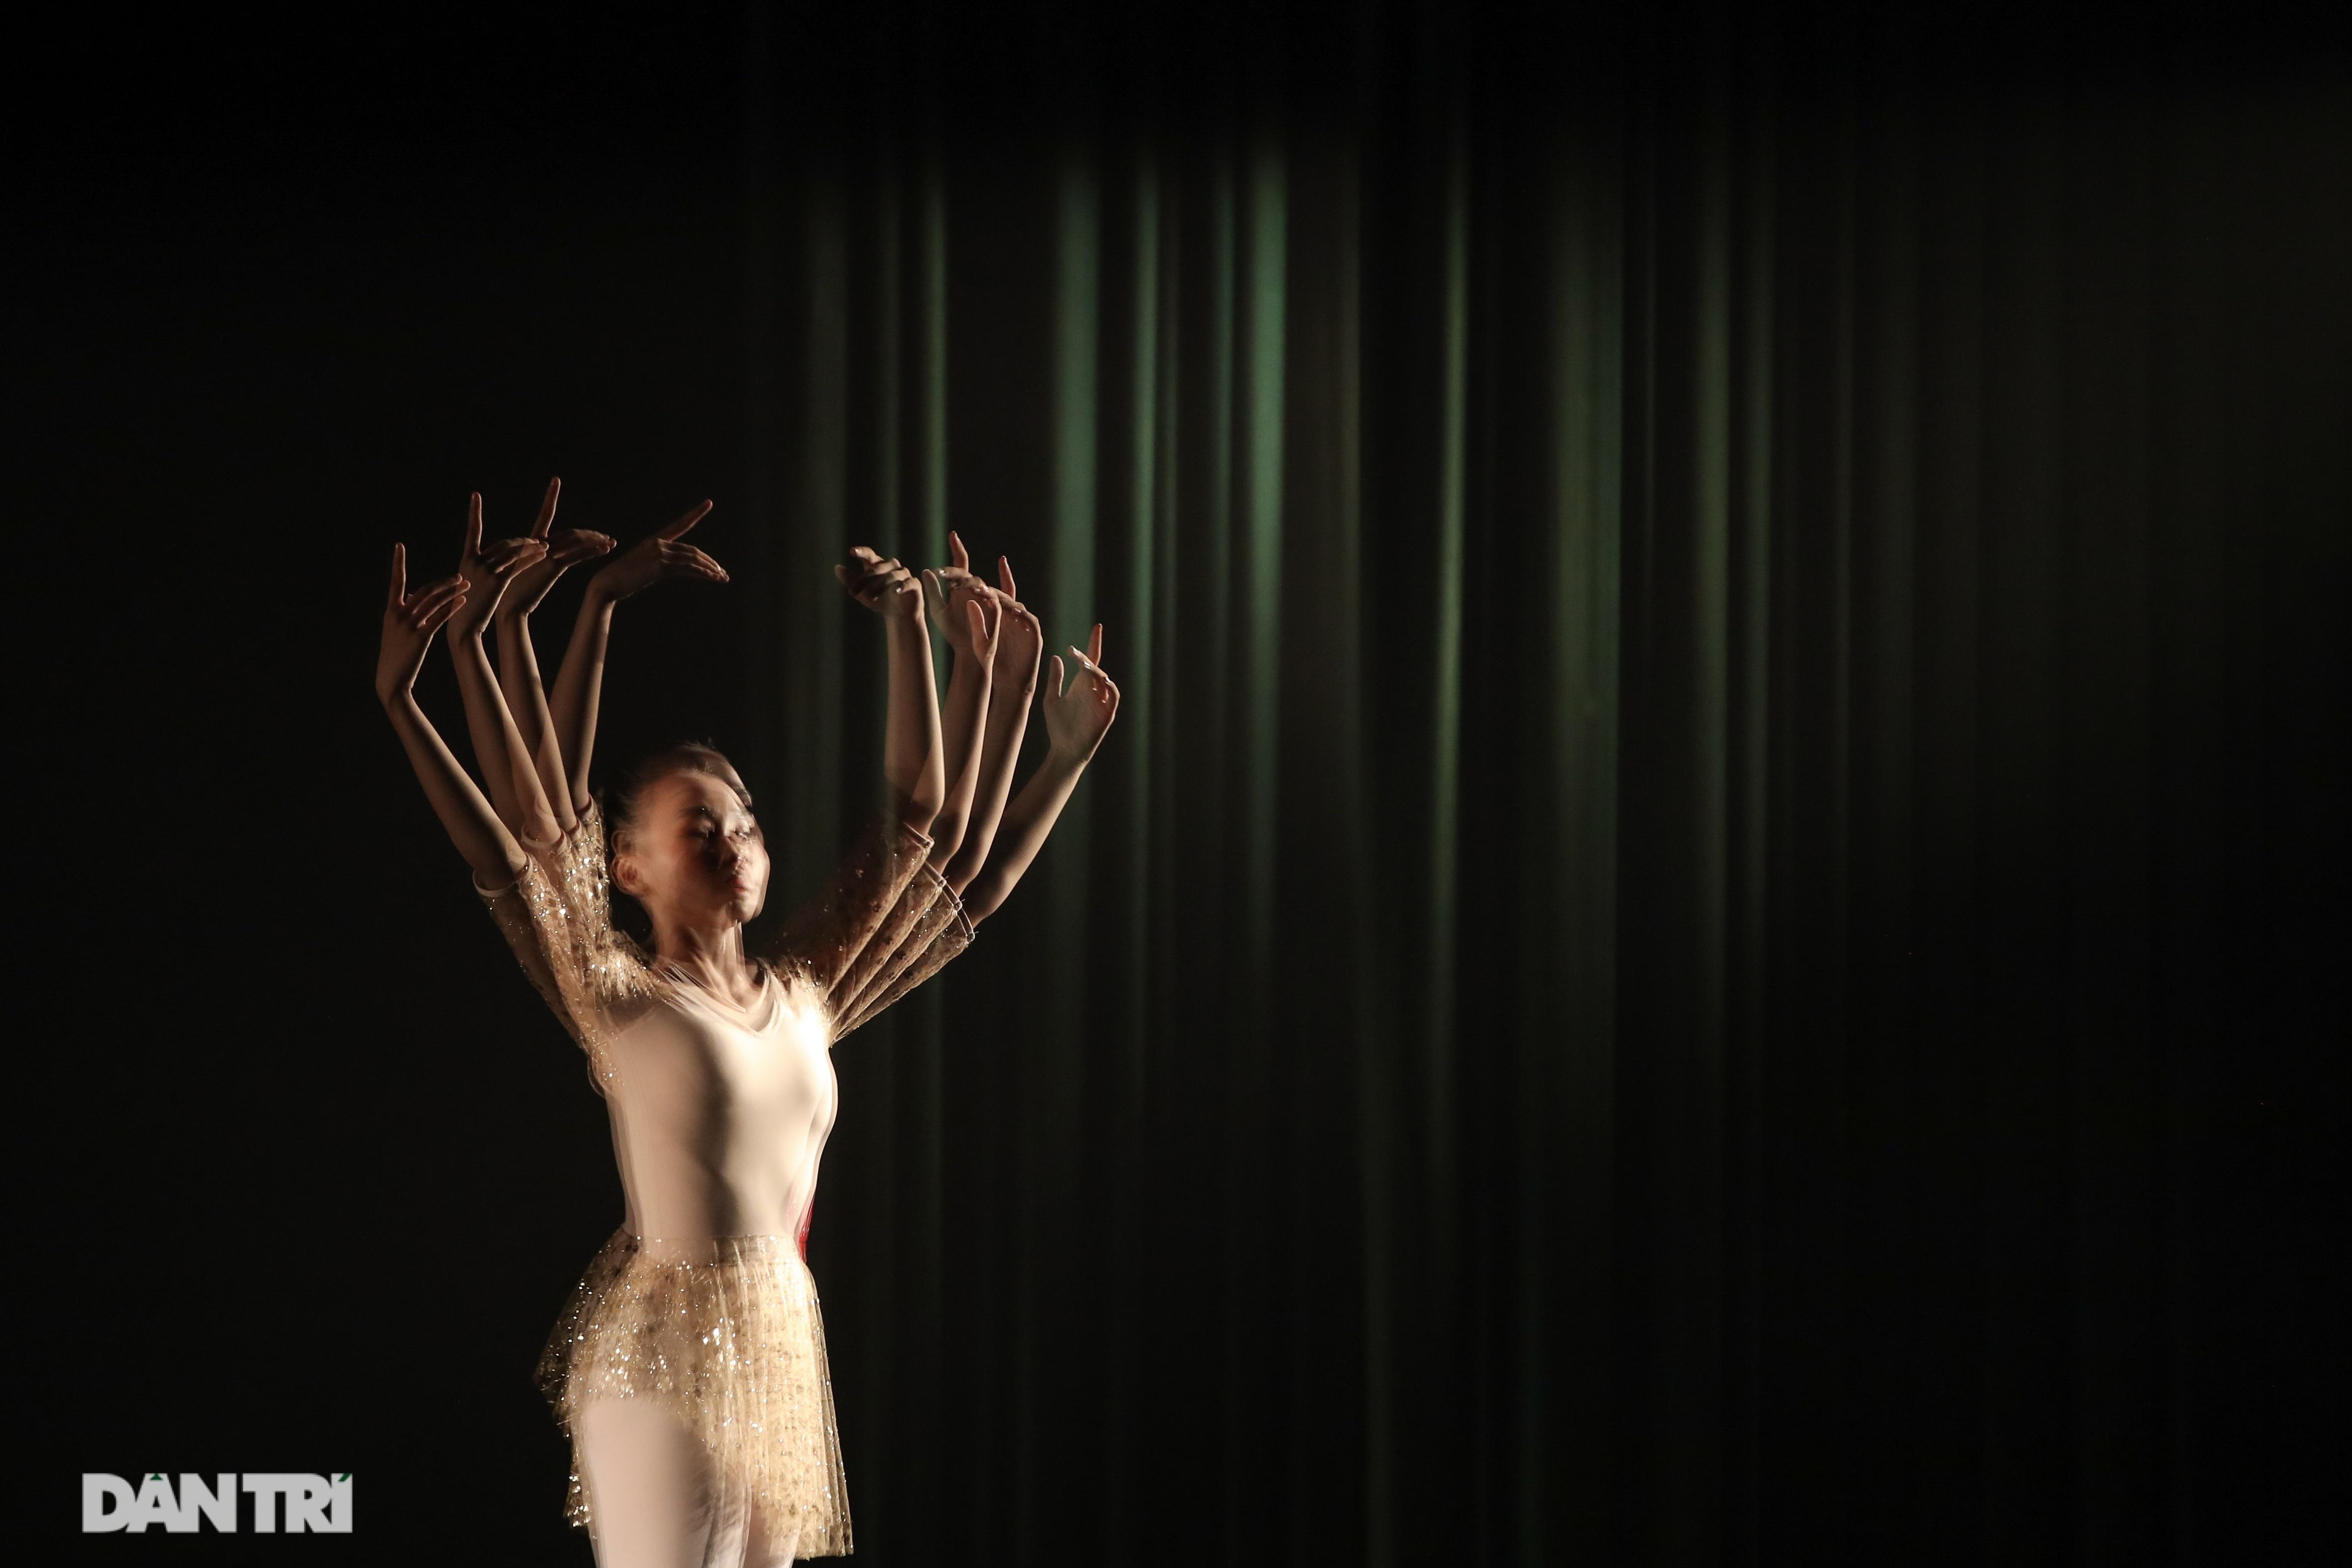 Khoảnh khắc mê hồn tại cuộc thi Tài năng biểu diễn múa - 6